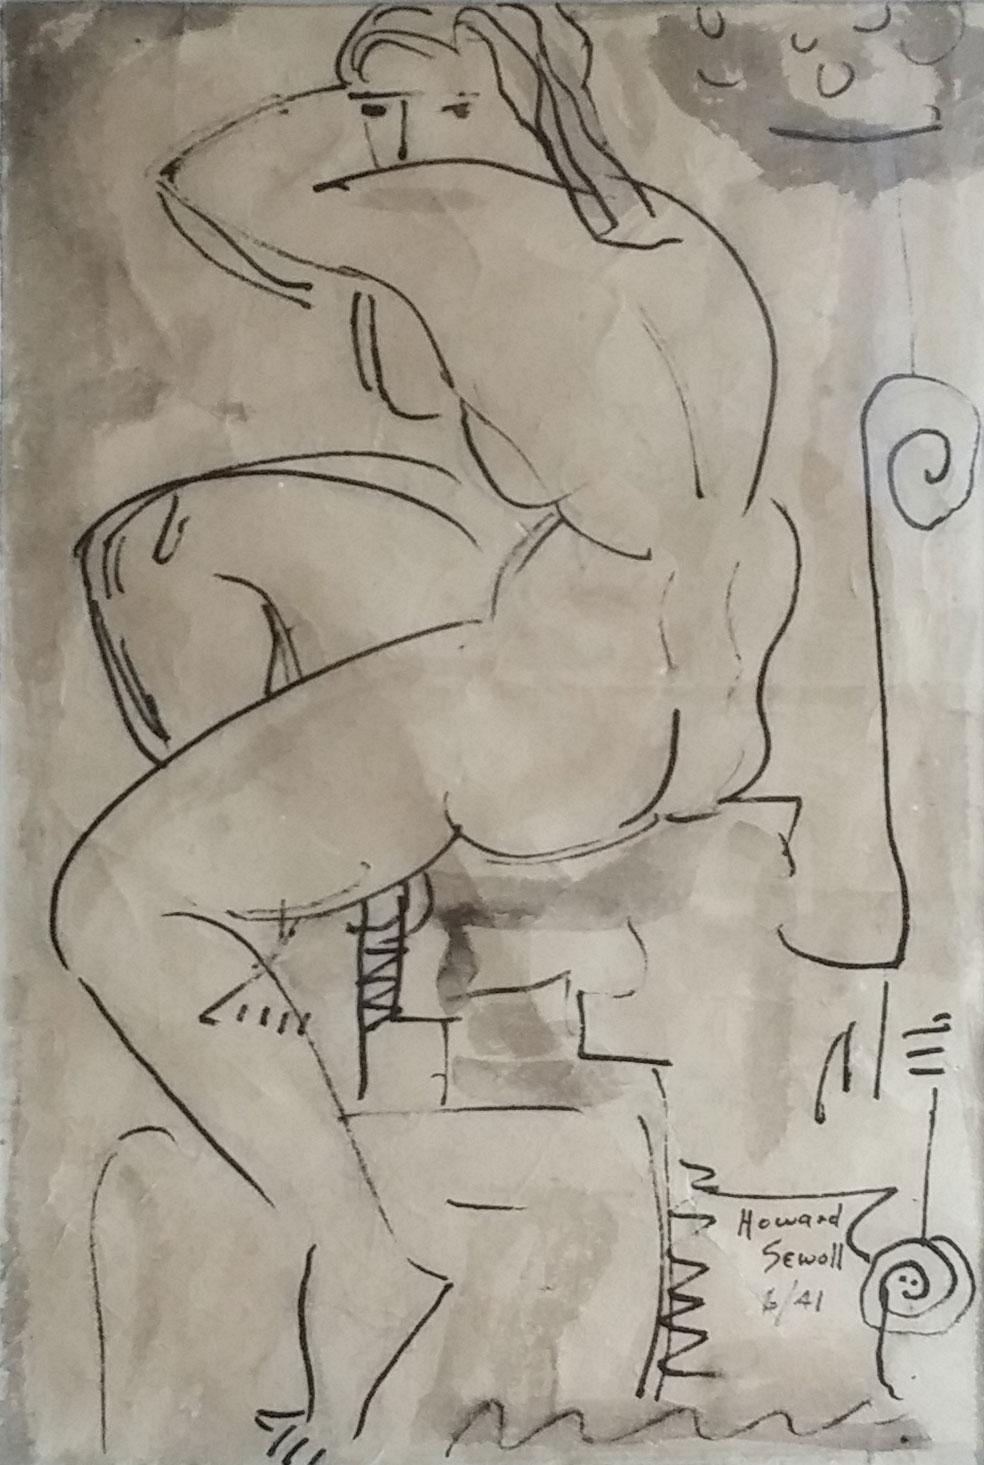 Nude figure,  water color sketch, 10x14 $2,500  Howard Sewall